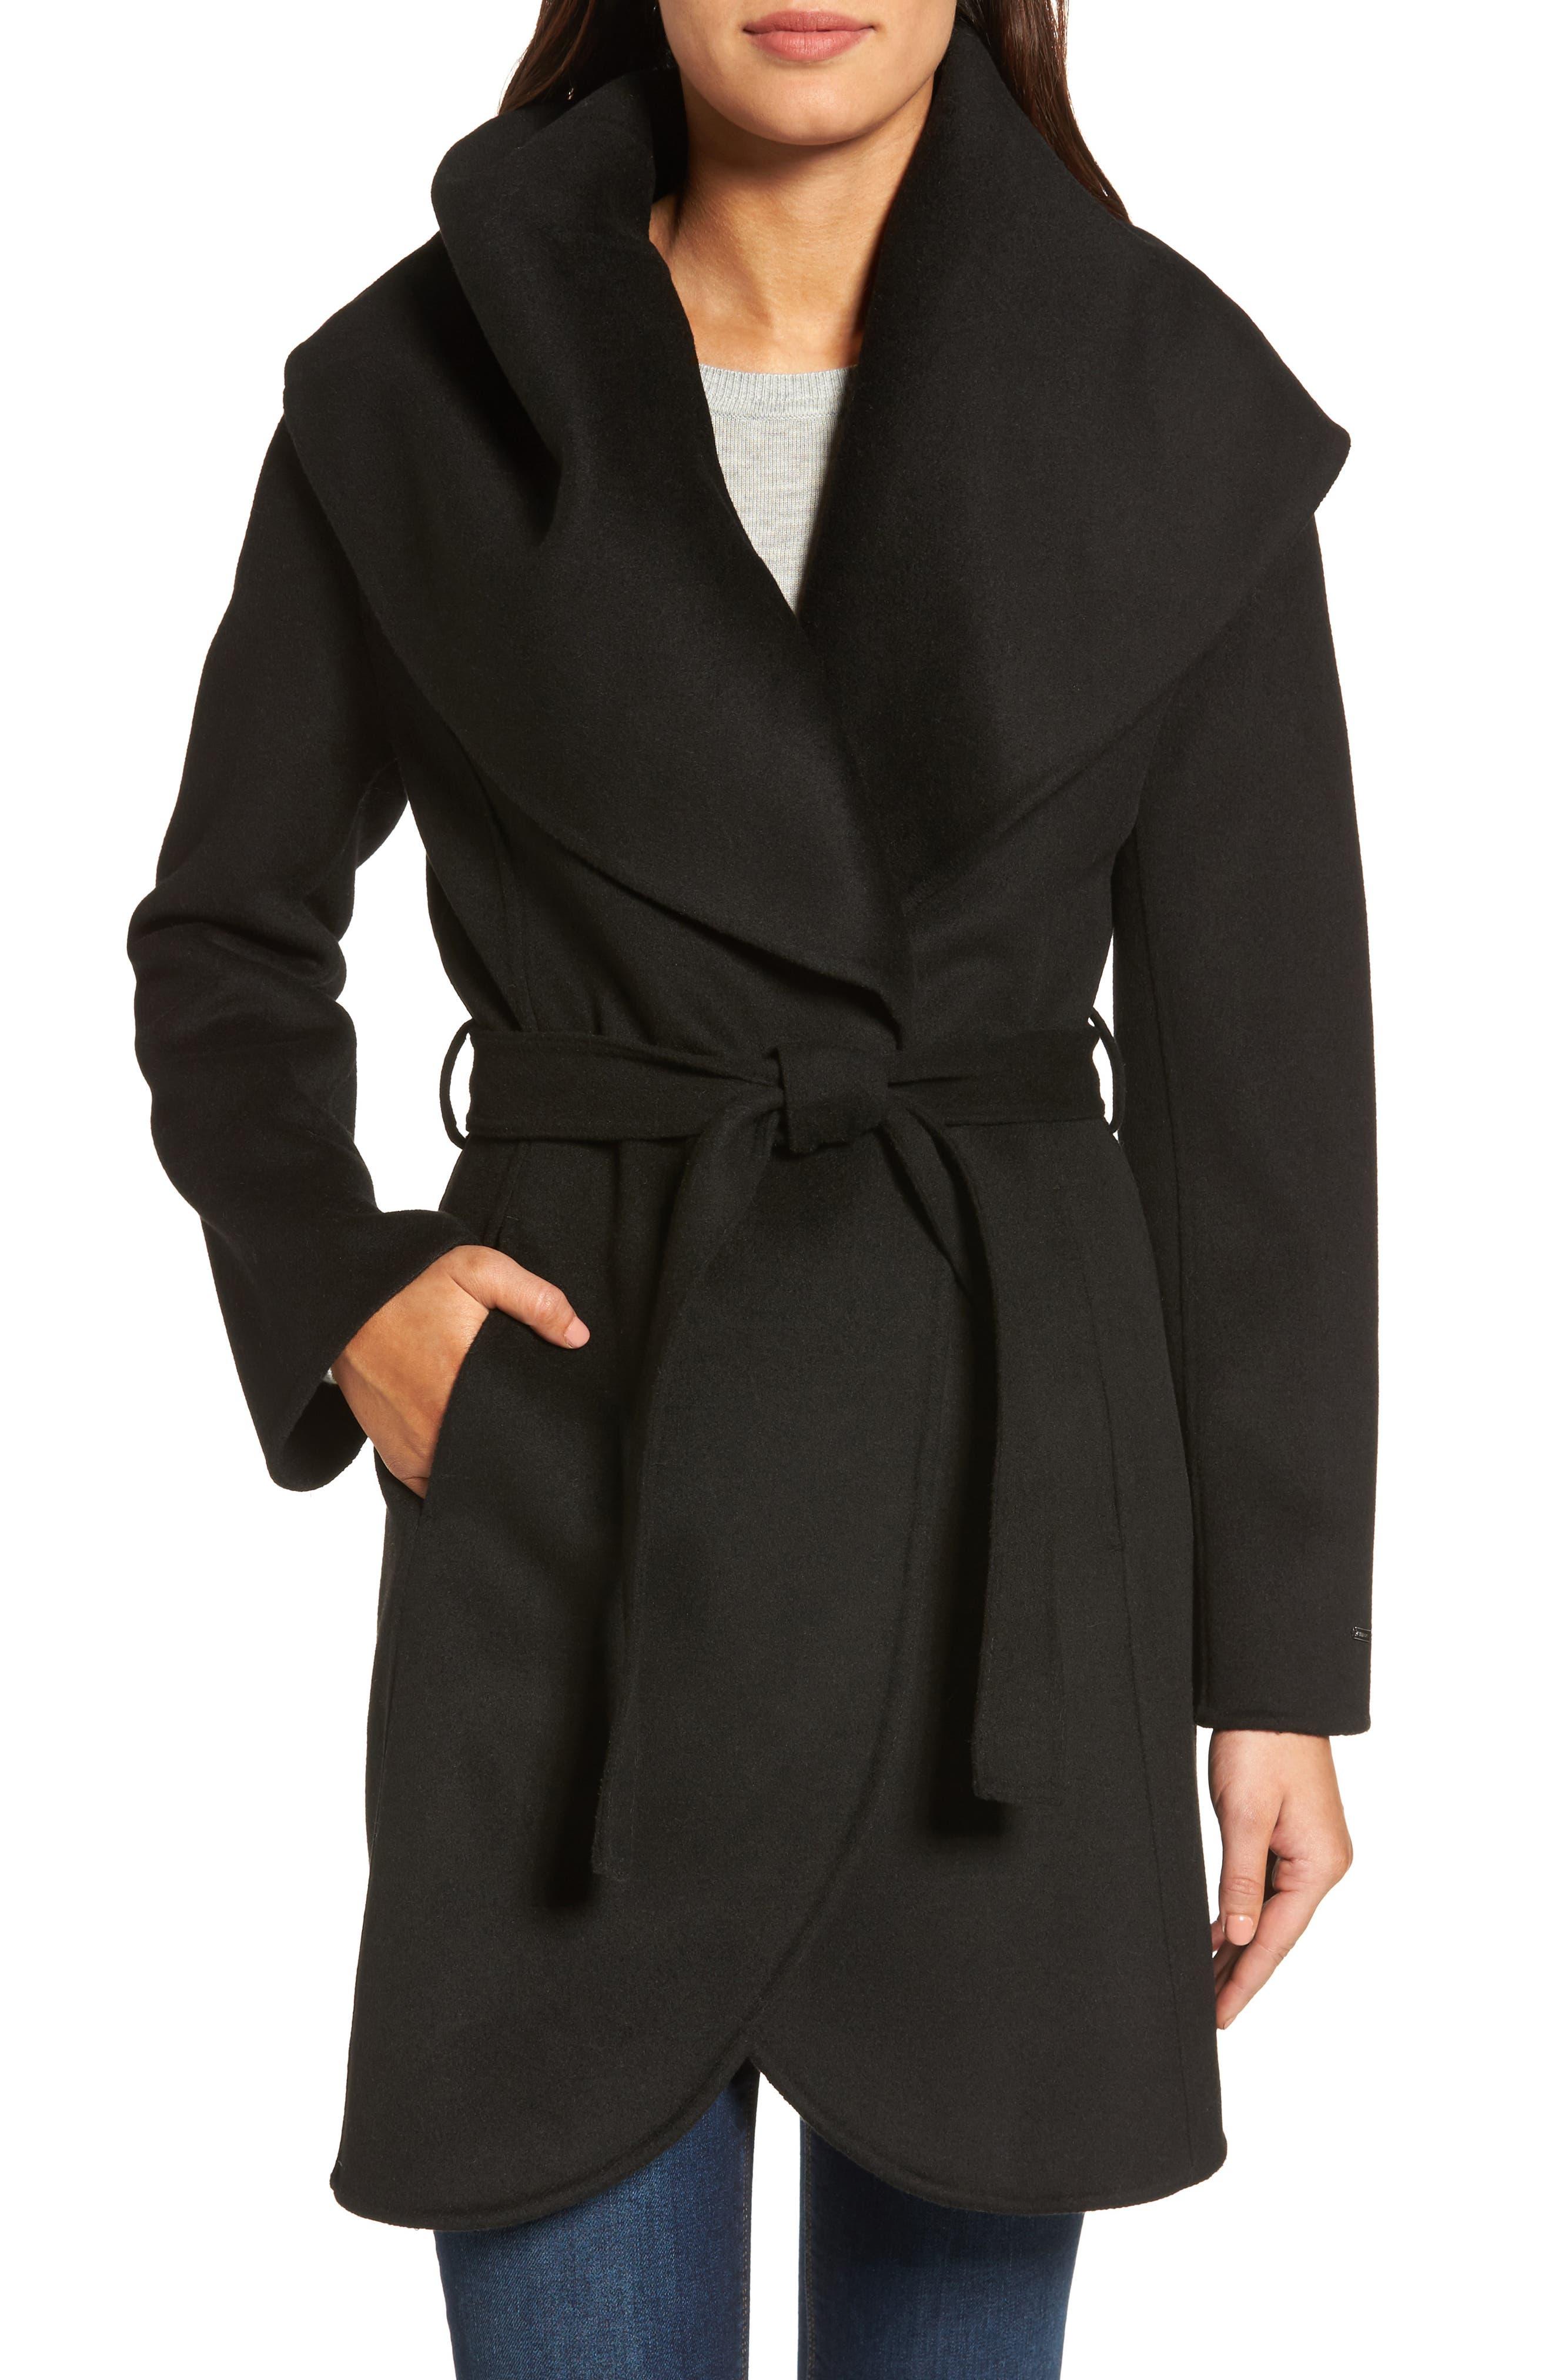 Tahari Marla Double Face Wool Blend Wrap Coat